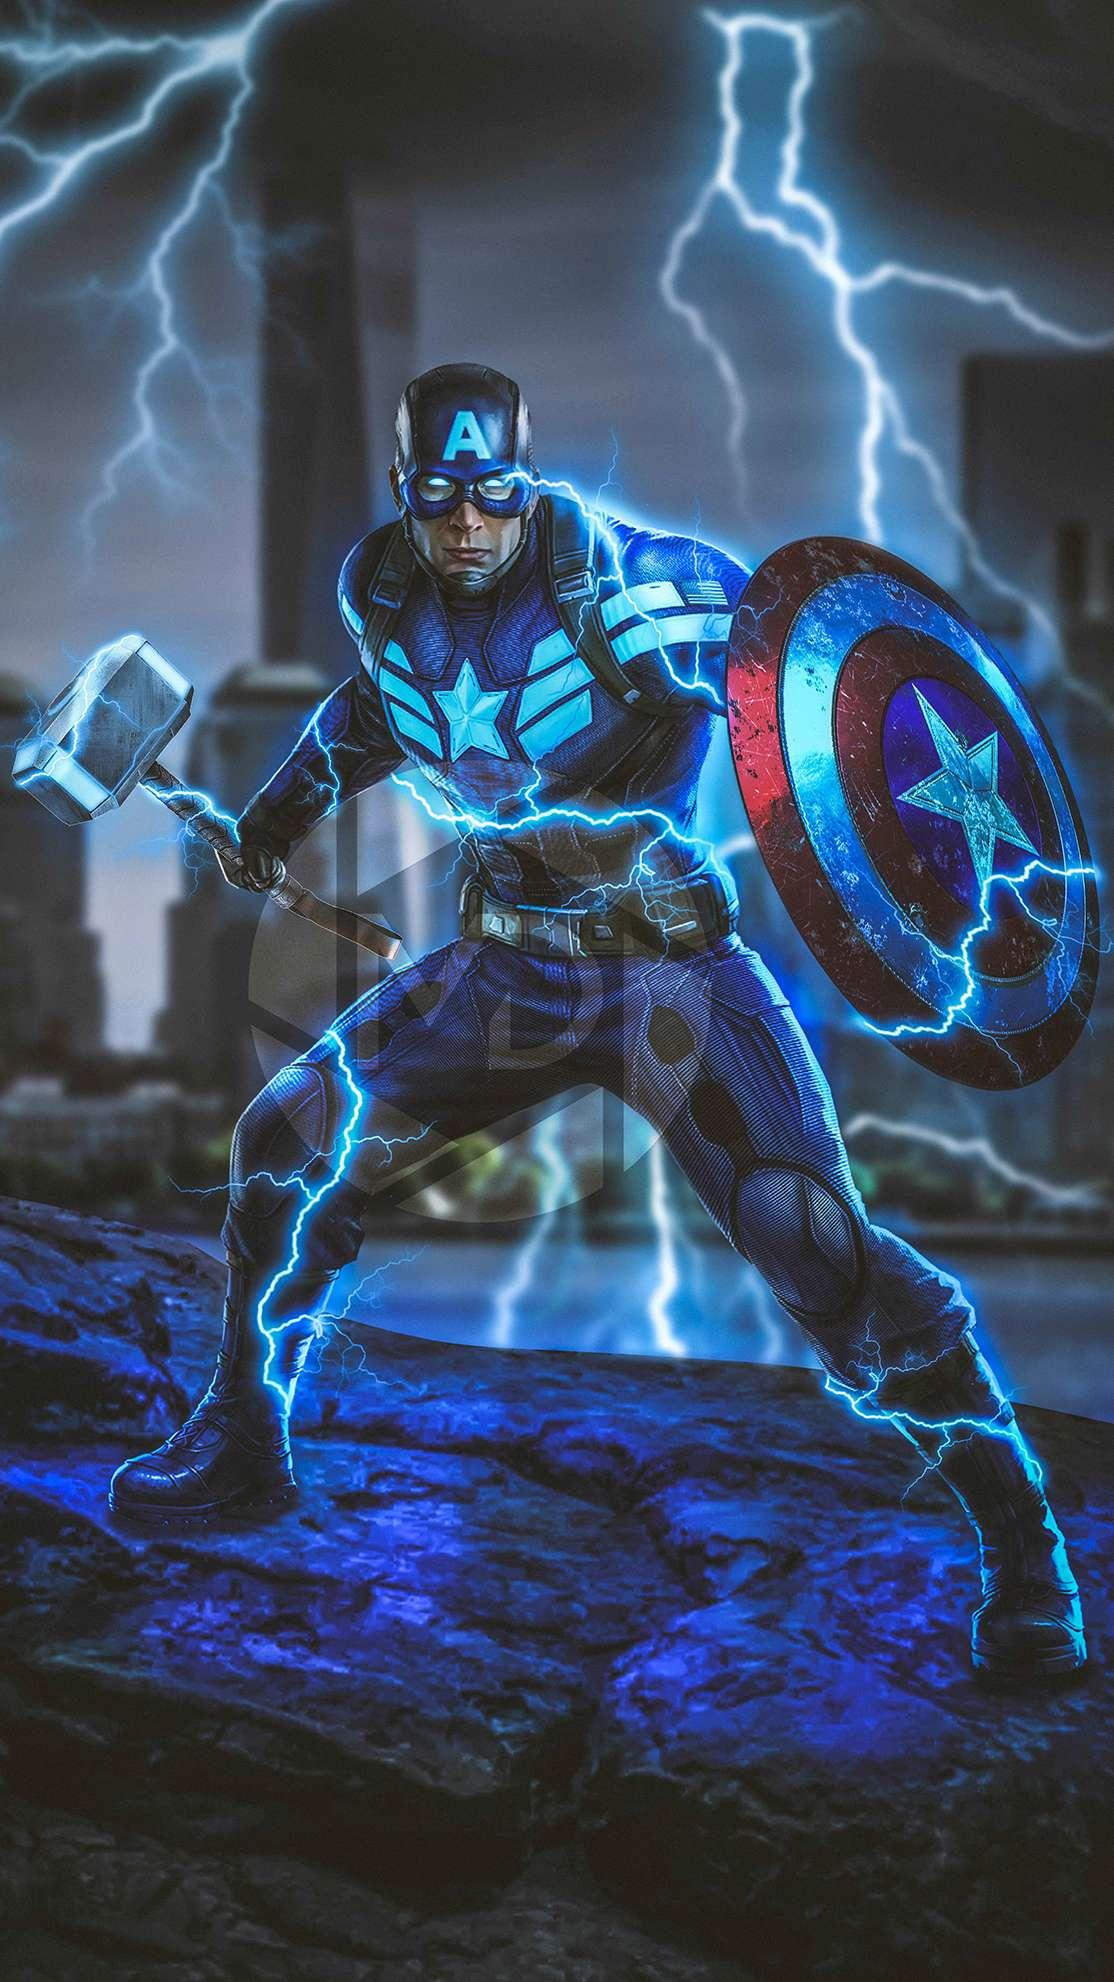 Captain America Wallpaper Hd Endgame